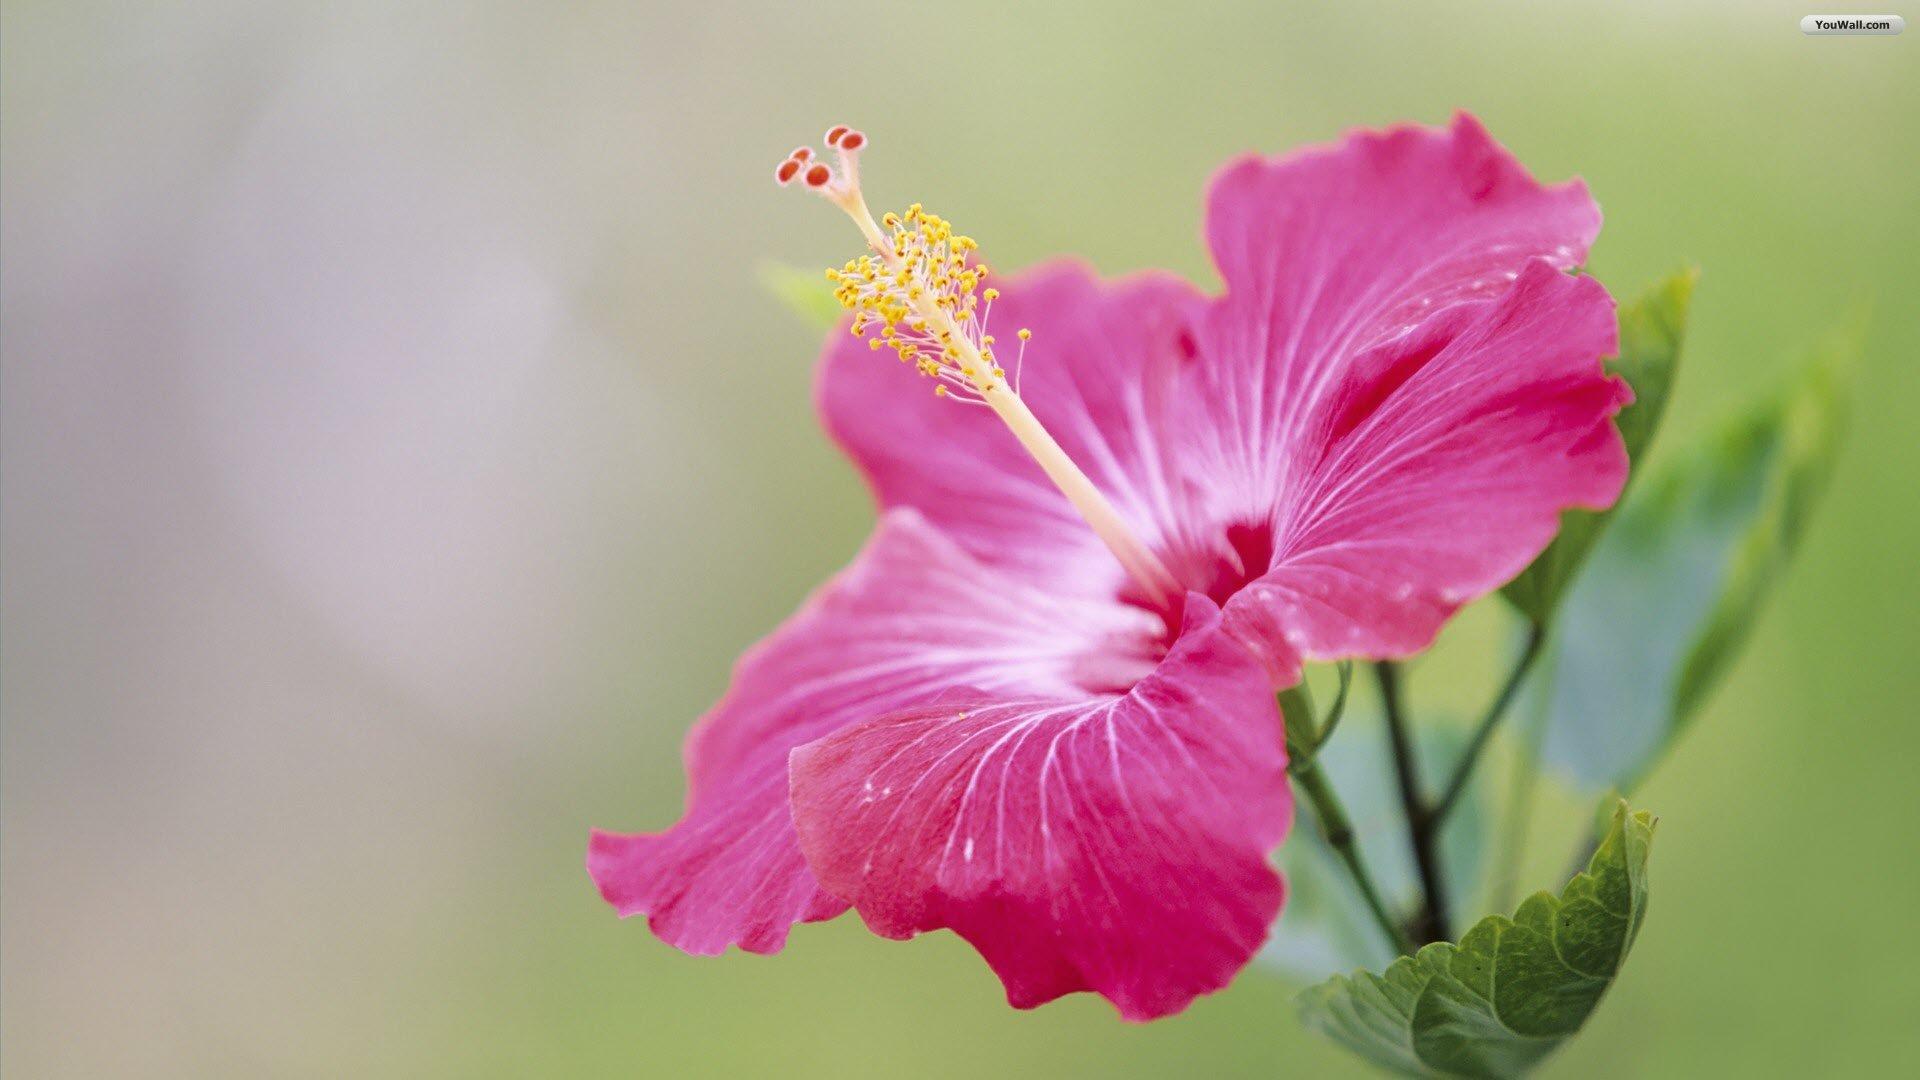 The Most Beautiful Flower Photo Amazing Photos Amazing Photo 1920x1080